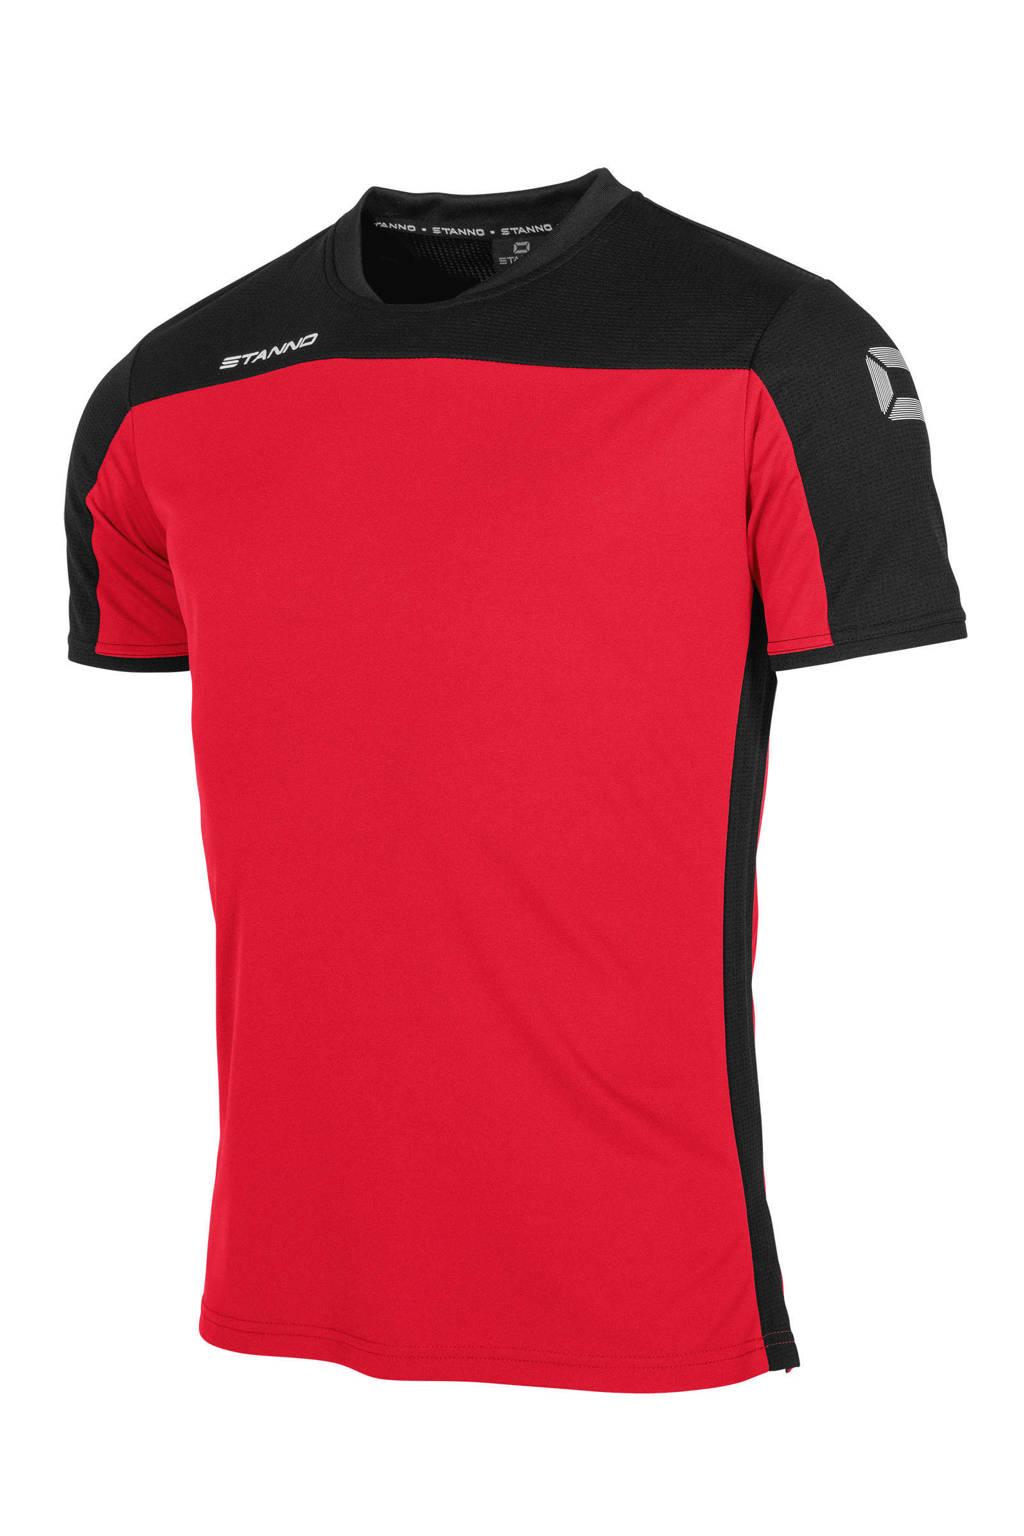 Stanno   voetbalshirt rood/blauw, Rood/zwart